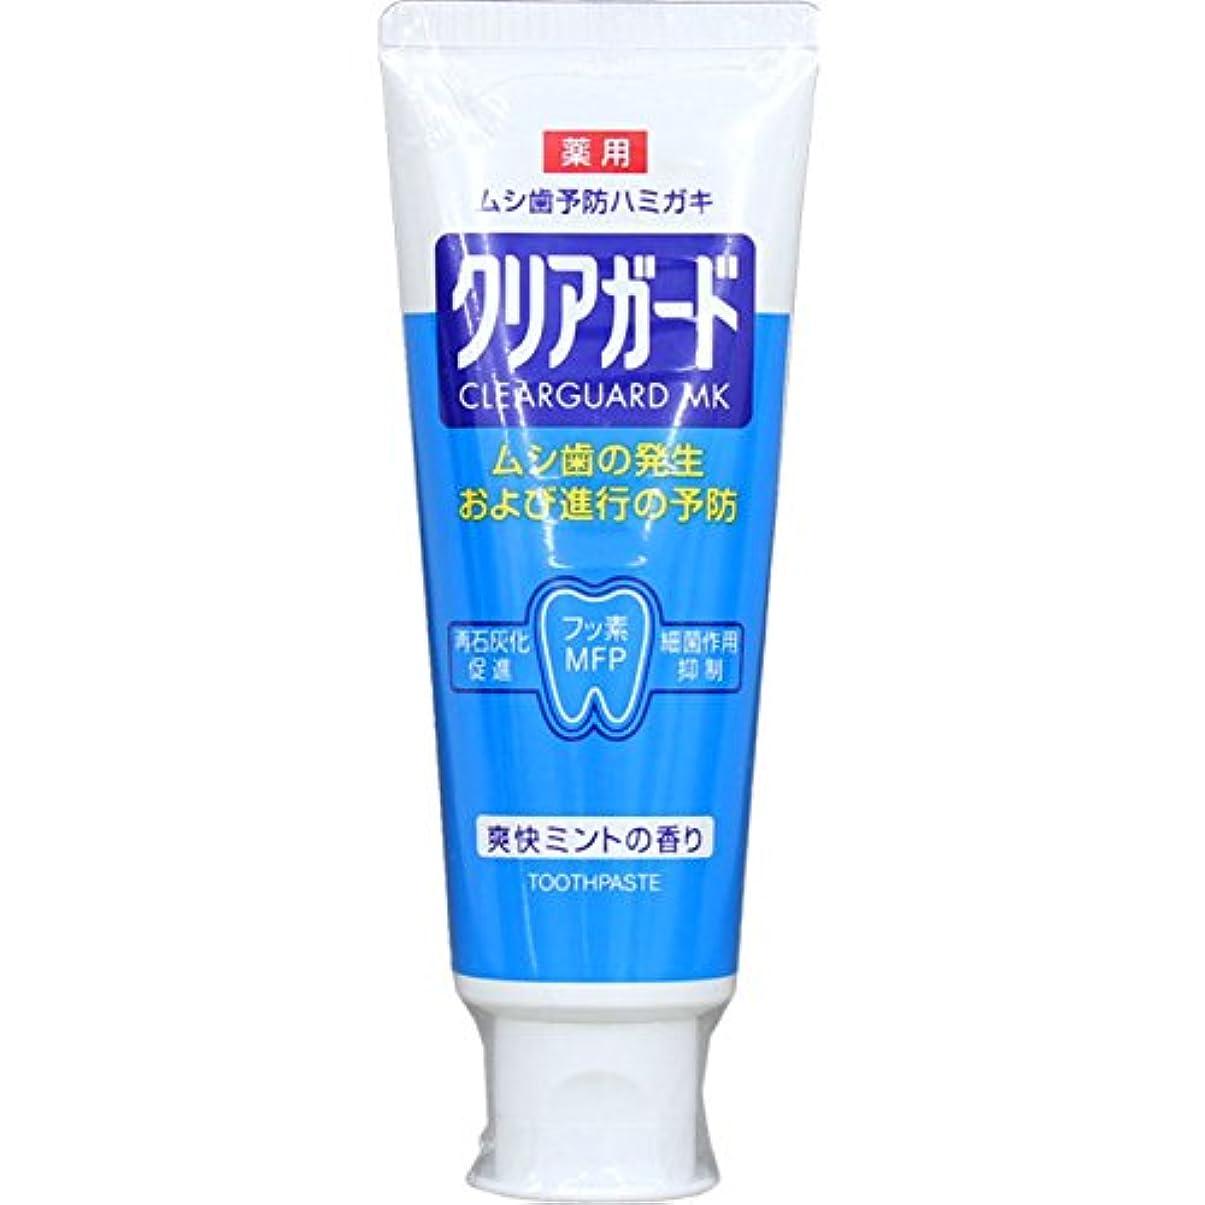 科学者火山テナント薬用クリアガード 160g (医薬部外品)